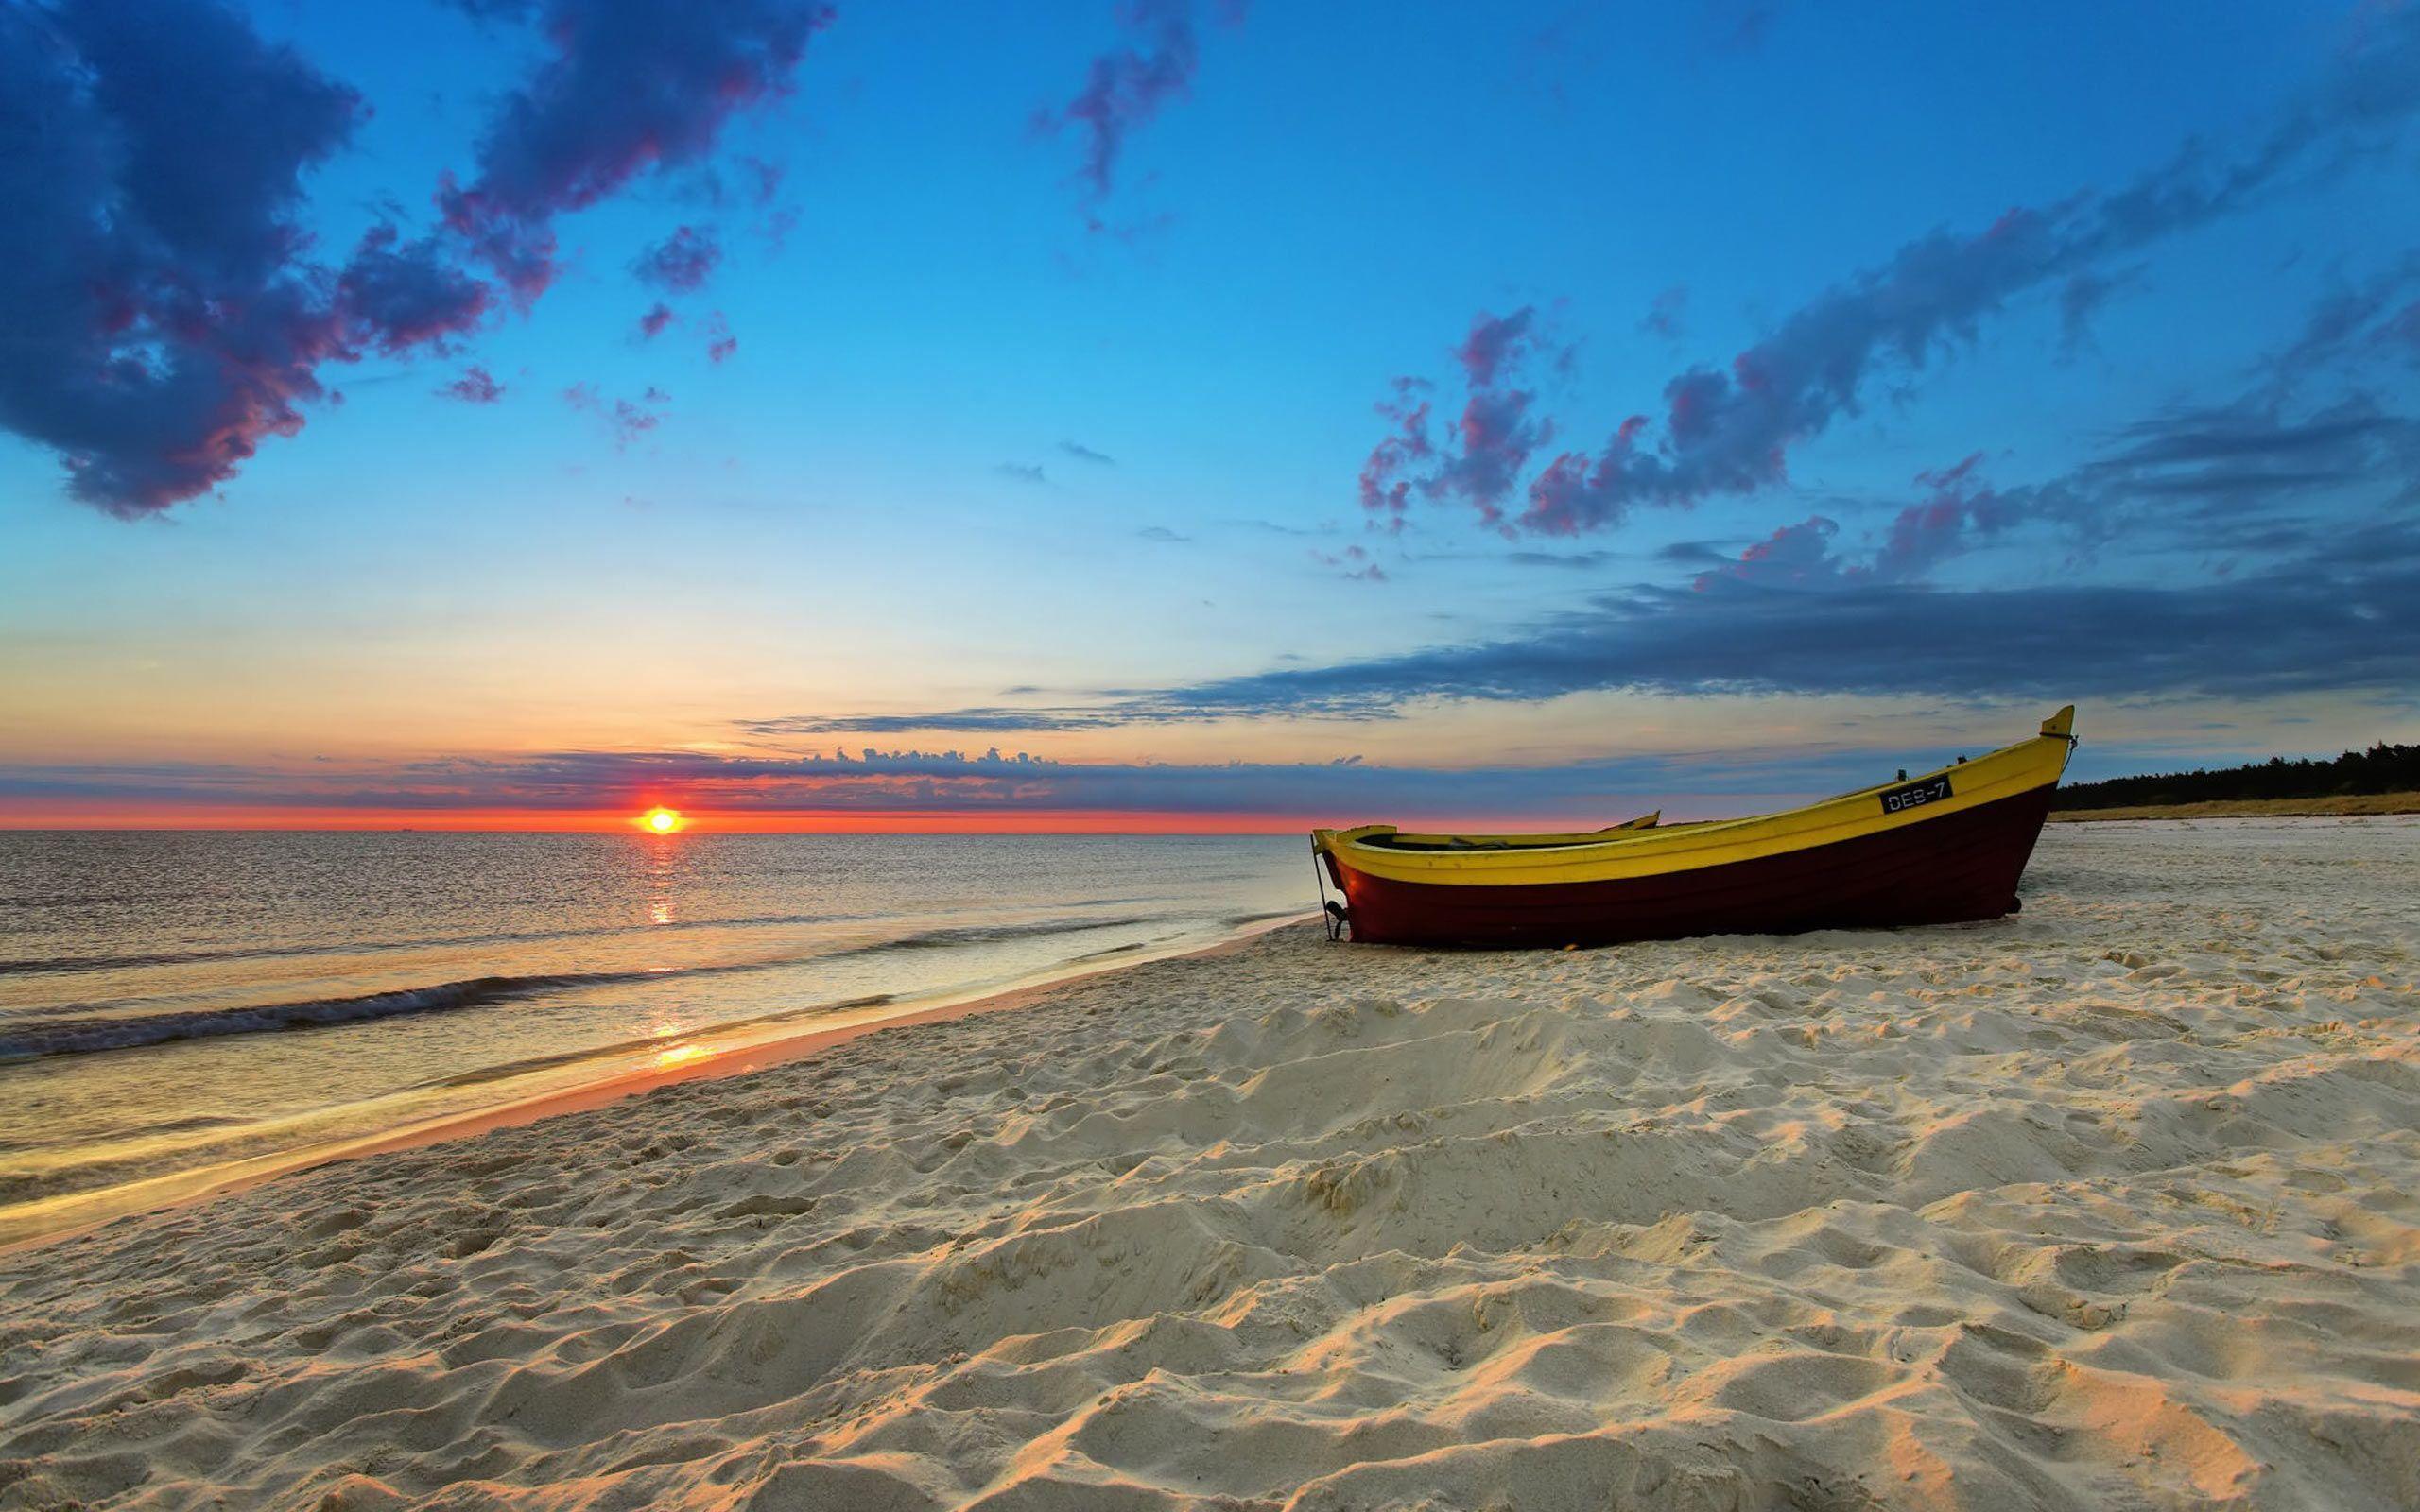 Sunset Beach Free Wallpaper HD Download